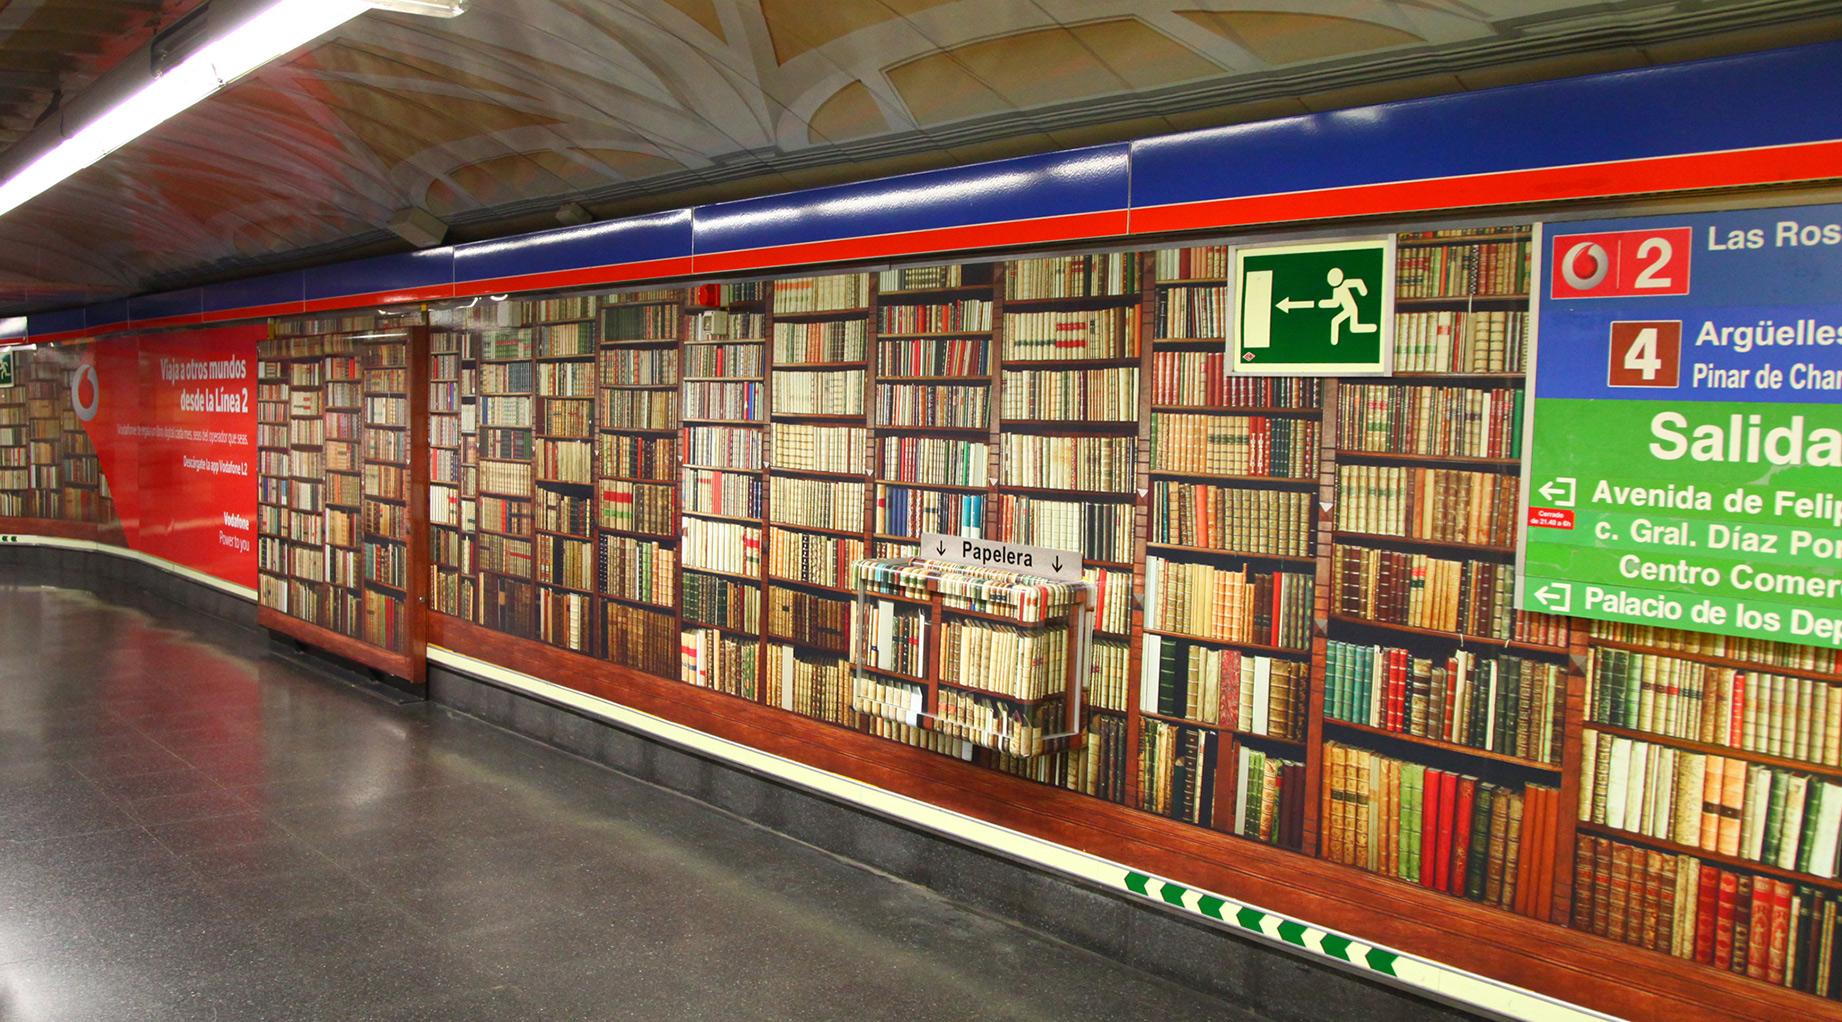 Metro Libreria